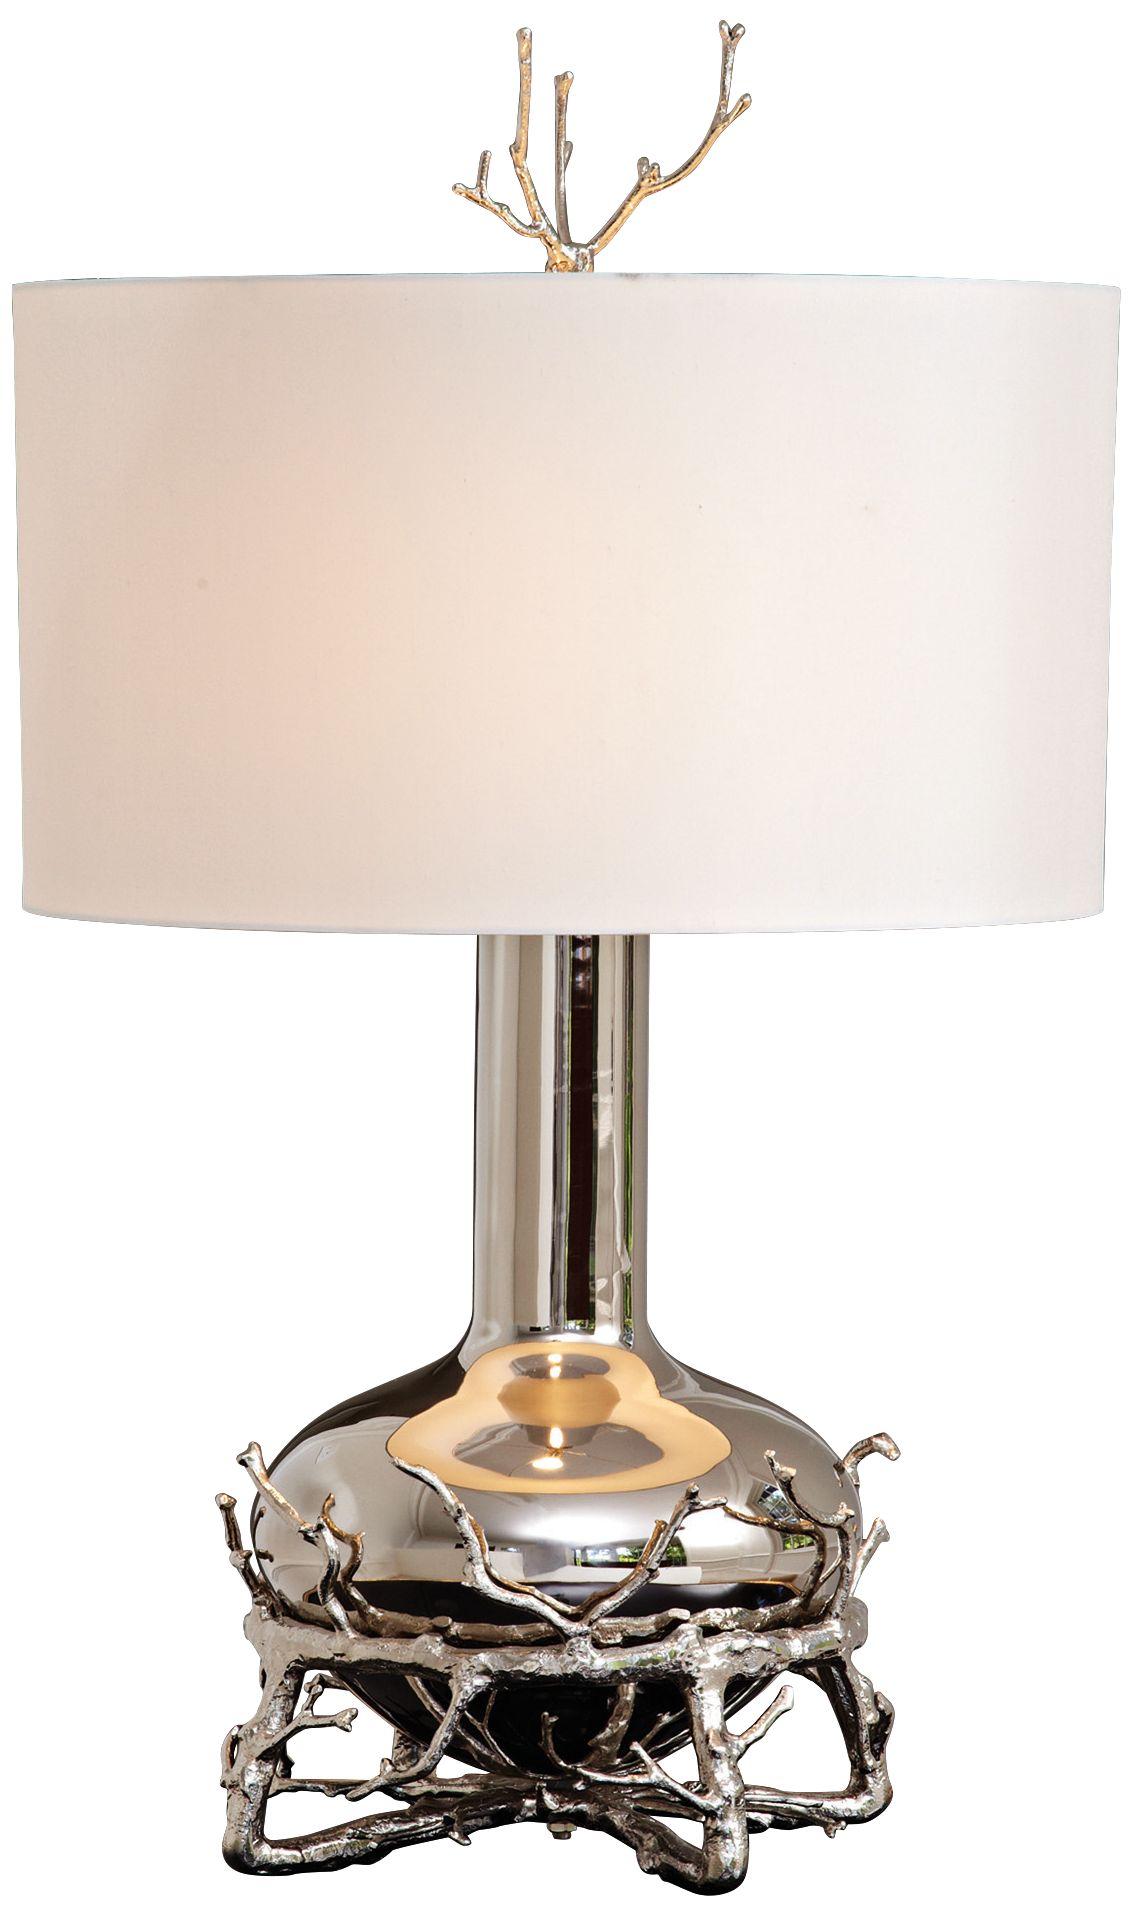 Contemporary Fat Nickel Twig Table Lamp